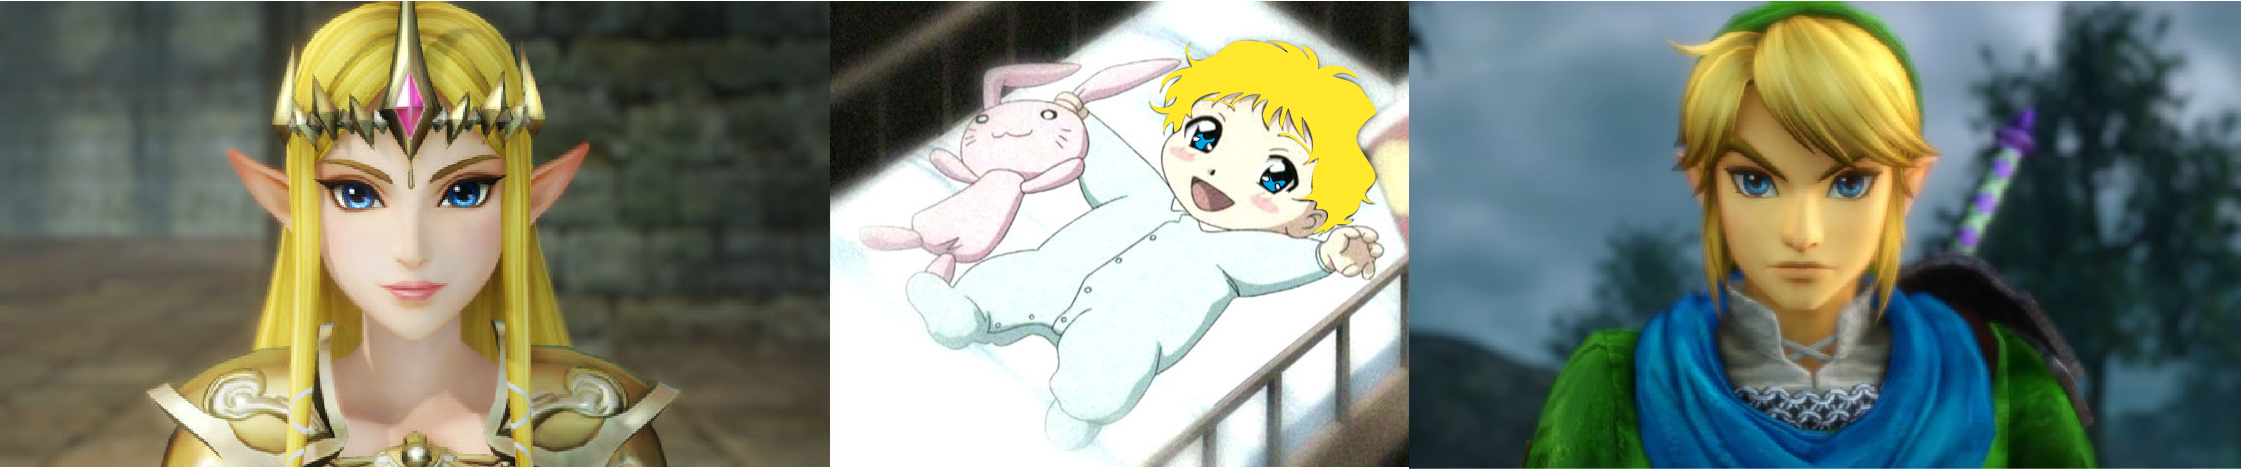 Link and zelda baby